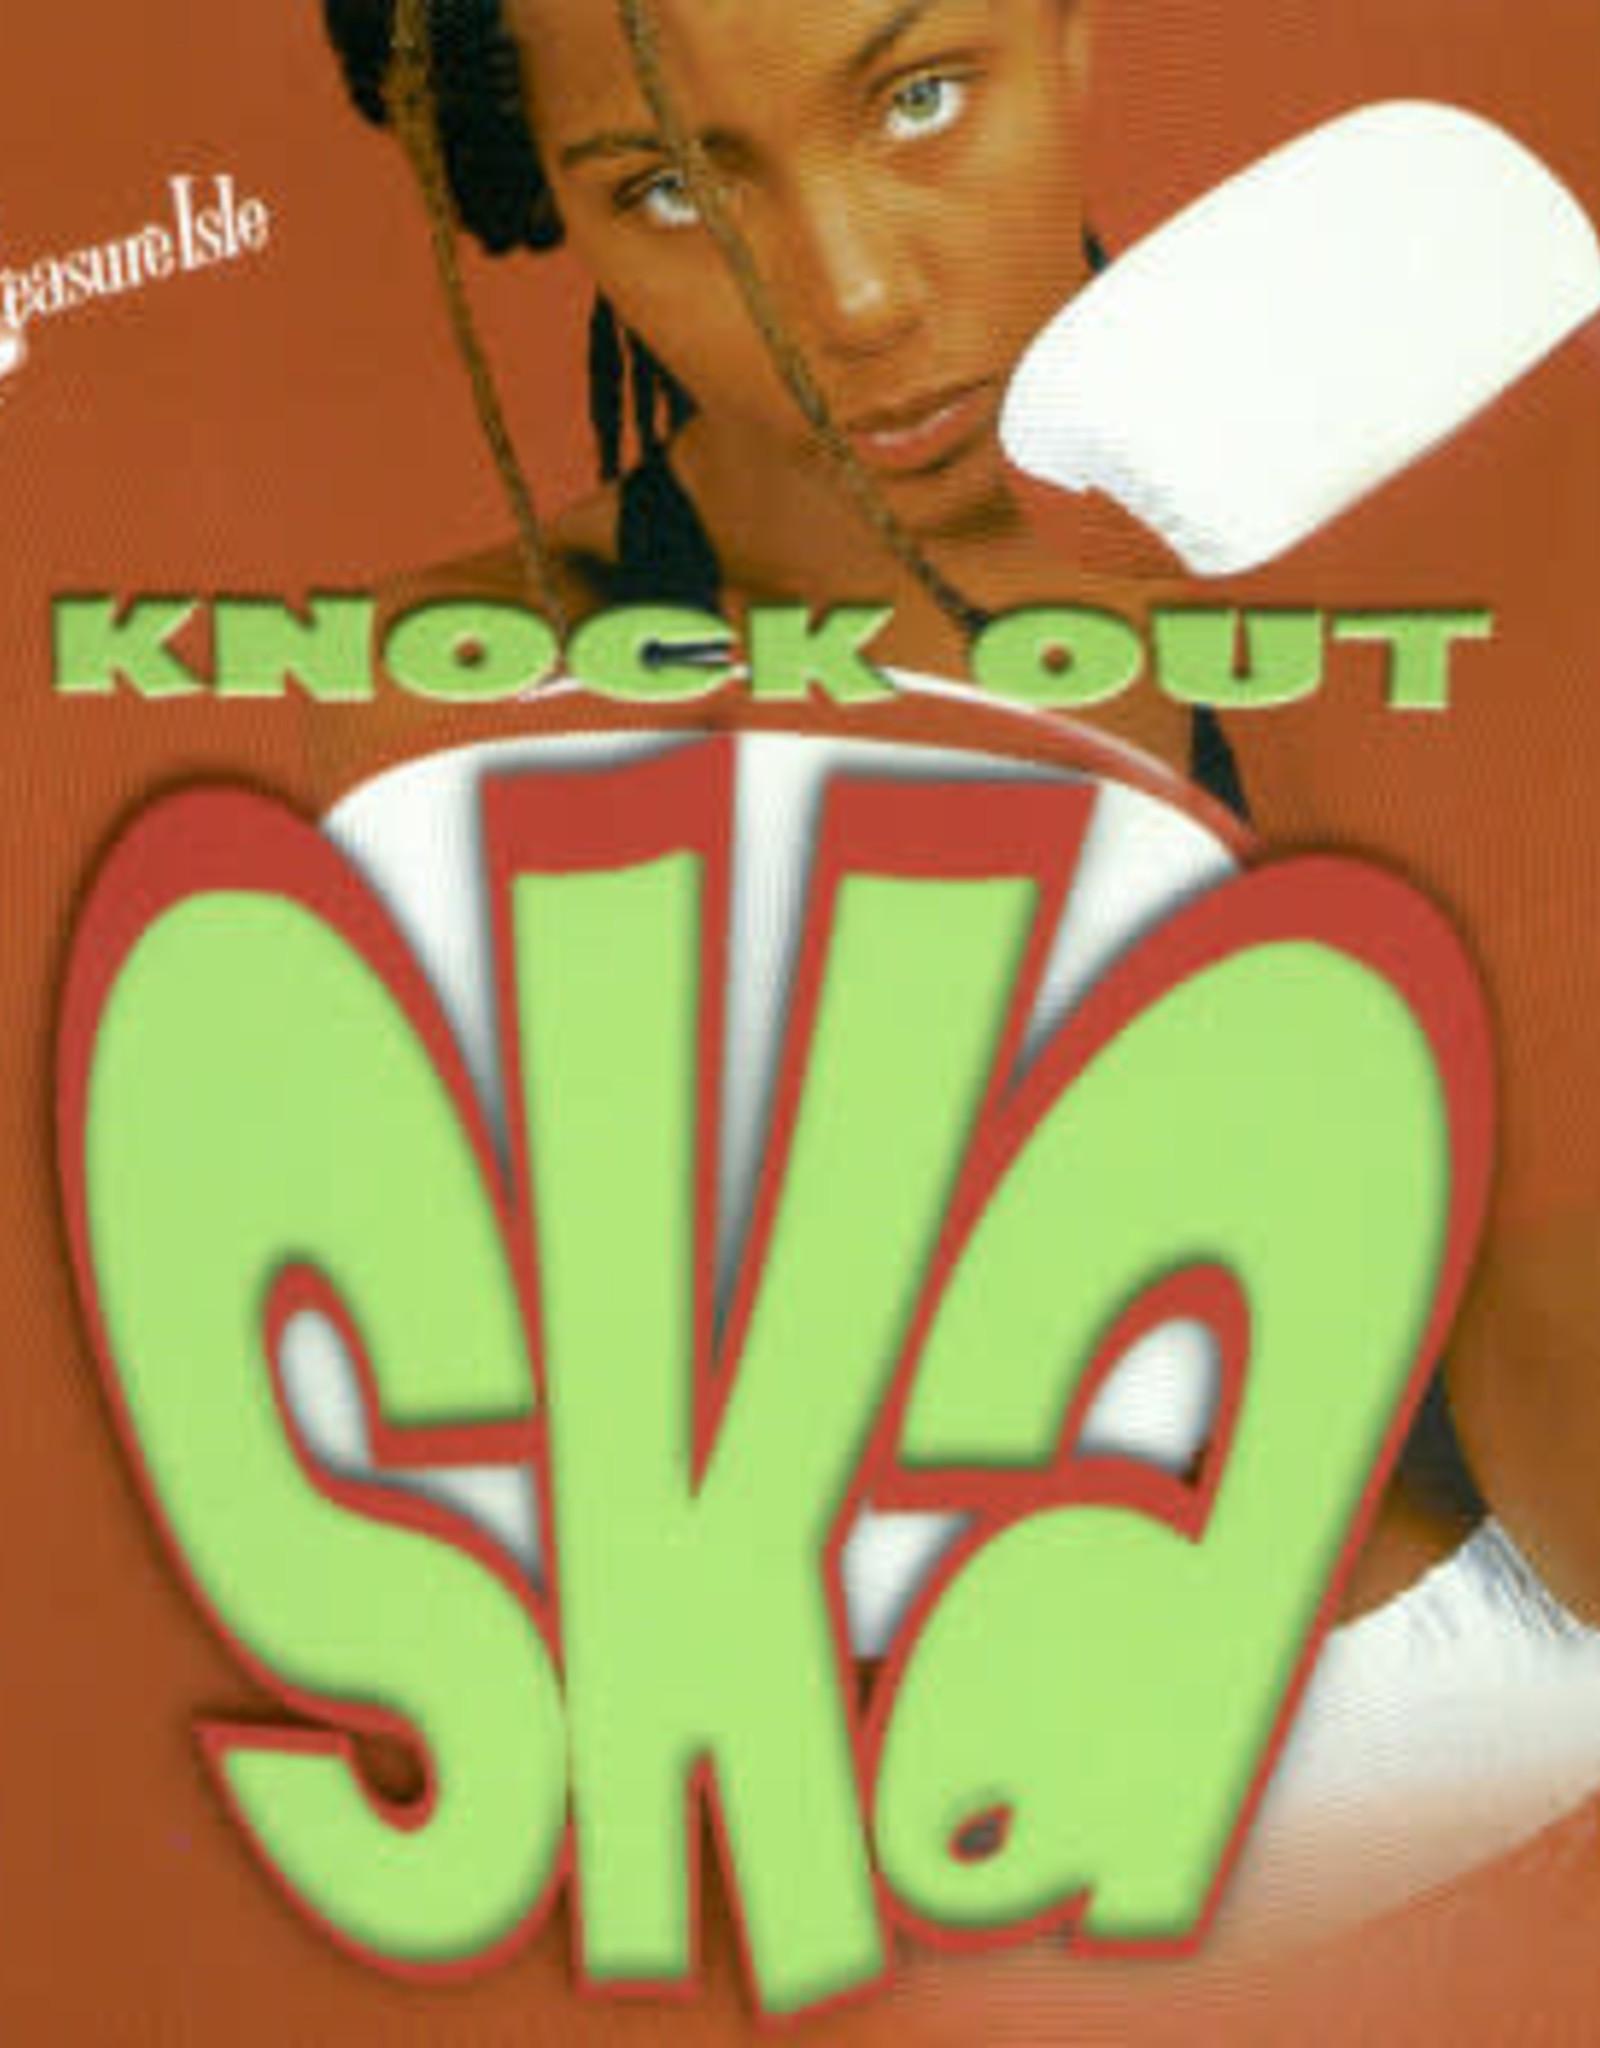 knock out ska compilation